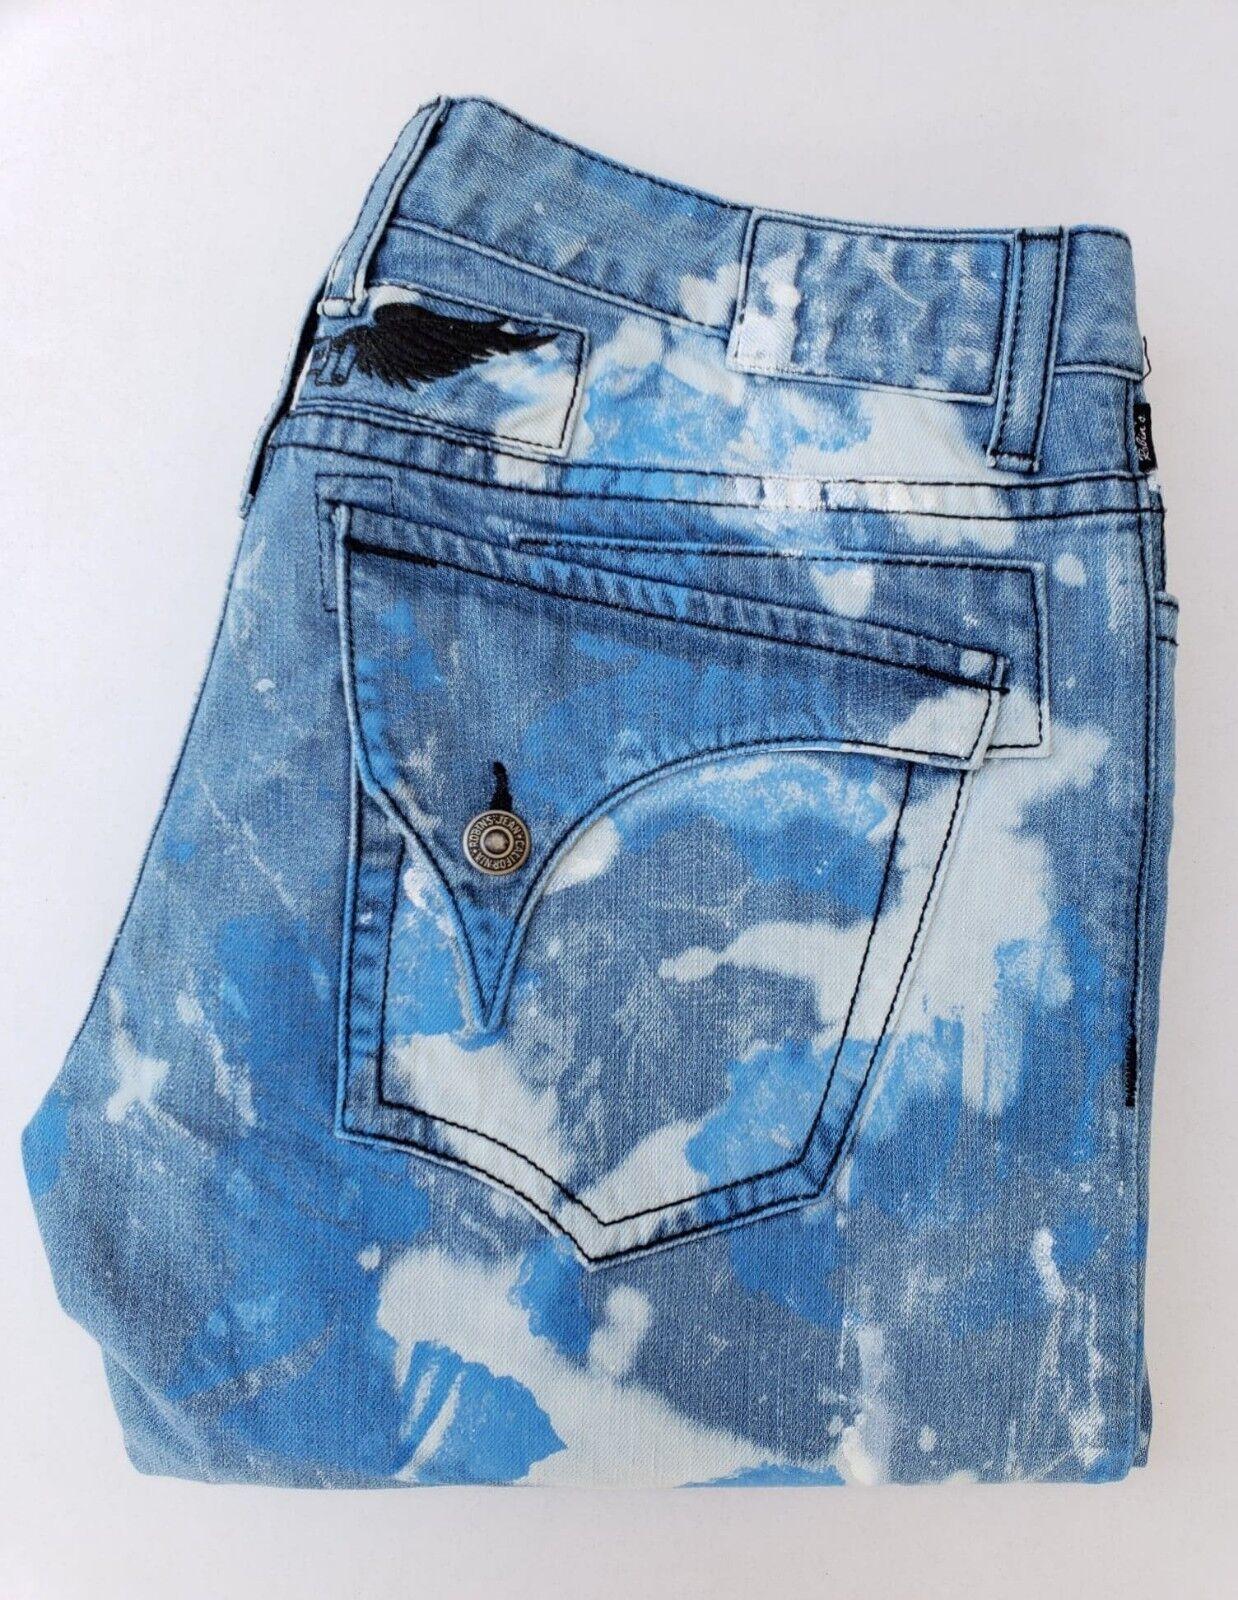 Neu Herren ROTKEHLCHEN Jeans Größe 44 Schmal Gerade Jeans -schwarz Wings   Blau